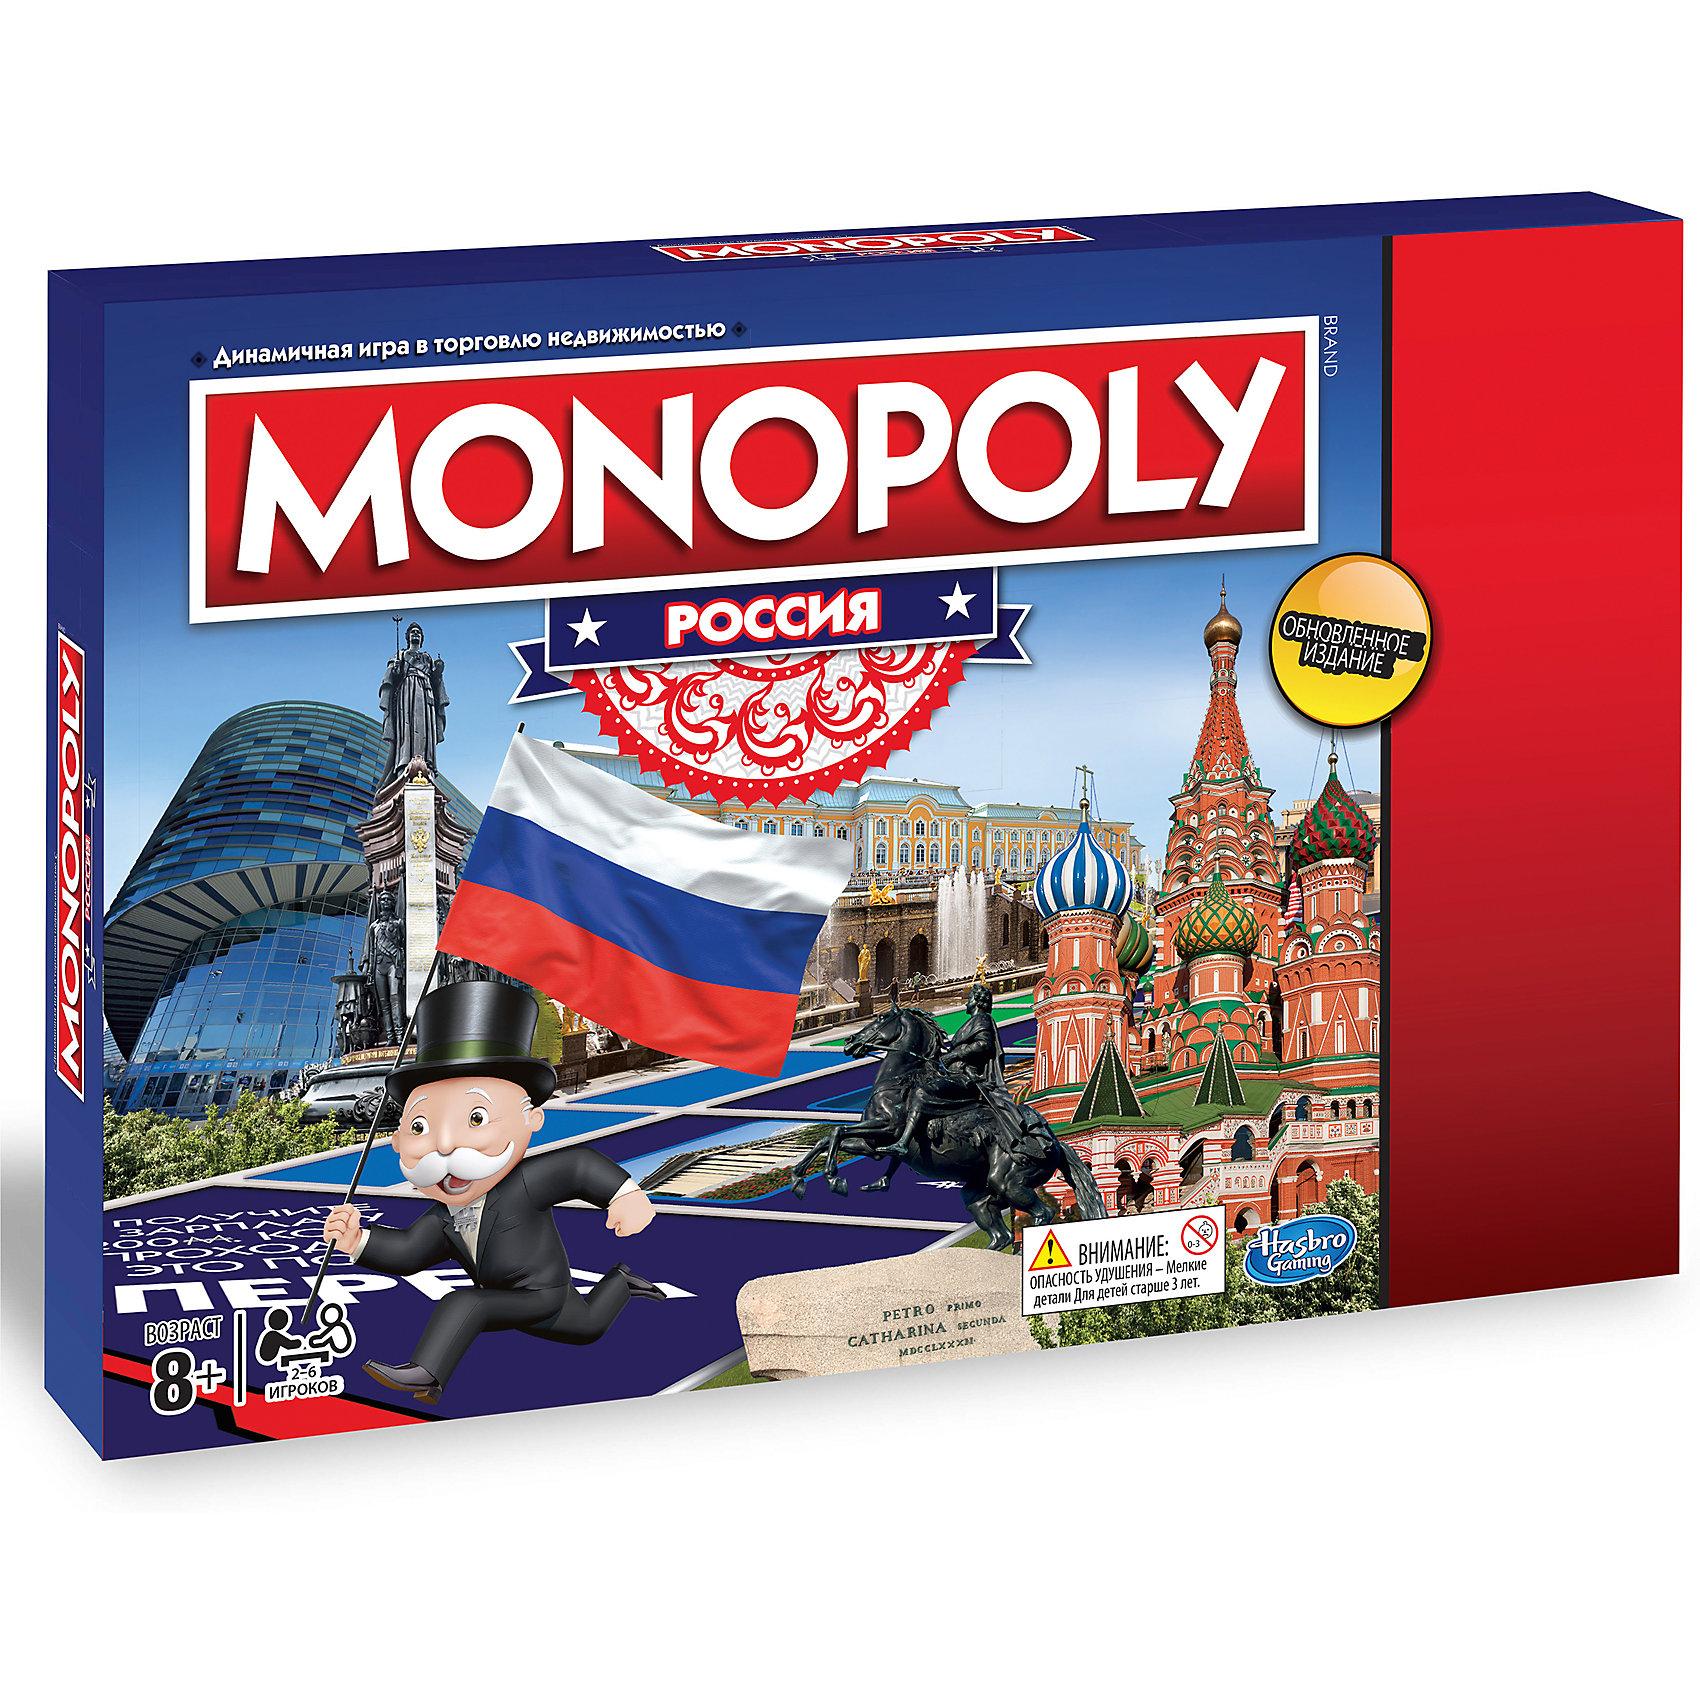 Монополия Россия, HasbroДля больших компаний<br>Характеристики товара:<br><br>- цвет: разноцветный;<br>- материал: пластик, картон;<br>- комплектация: игровое поле, фишки, кубик, карточки;<br>- игра-ходилка.<br><br>Увлекательно проводить время с компанией или всей семьей поможет знаменитая настольная игра «Монополия». Нужно кидать кубик и делать ходы, одновременно строя свою финансовую империю. Это очень увлекательно и познавательно! Тем более, что игра адаптирована специально для России.<br>Такие игры способствуют развитию внимательности, реакции, интеллекта, гибкости мышления и логики. Также они помогают наладить общение даже с незнакомыми людьми! Продается в удобной для хранения и использования упаковке. Изделие произведено из качественных материалов, безопасных для ребенка.<br><br>Настольную игру Монополия Россия от бренда Hasbro можно купить в нашем интернет-магазине.<br><br>Ширина мм: 185<br>Глубина мм: 185<br>Высота мм: 210<br>Вес г: 320<br>Возраст от месяцев: 72<br>Возраст до месяцев: 192<br>Пол: Унисекс<br>Возраст: Детский<br>SKU: 5156442